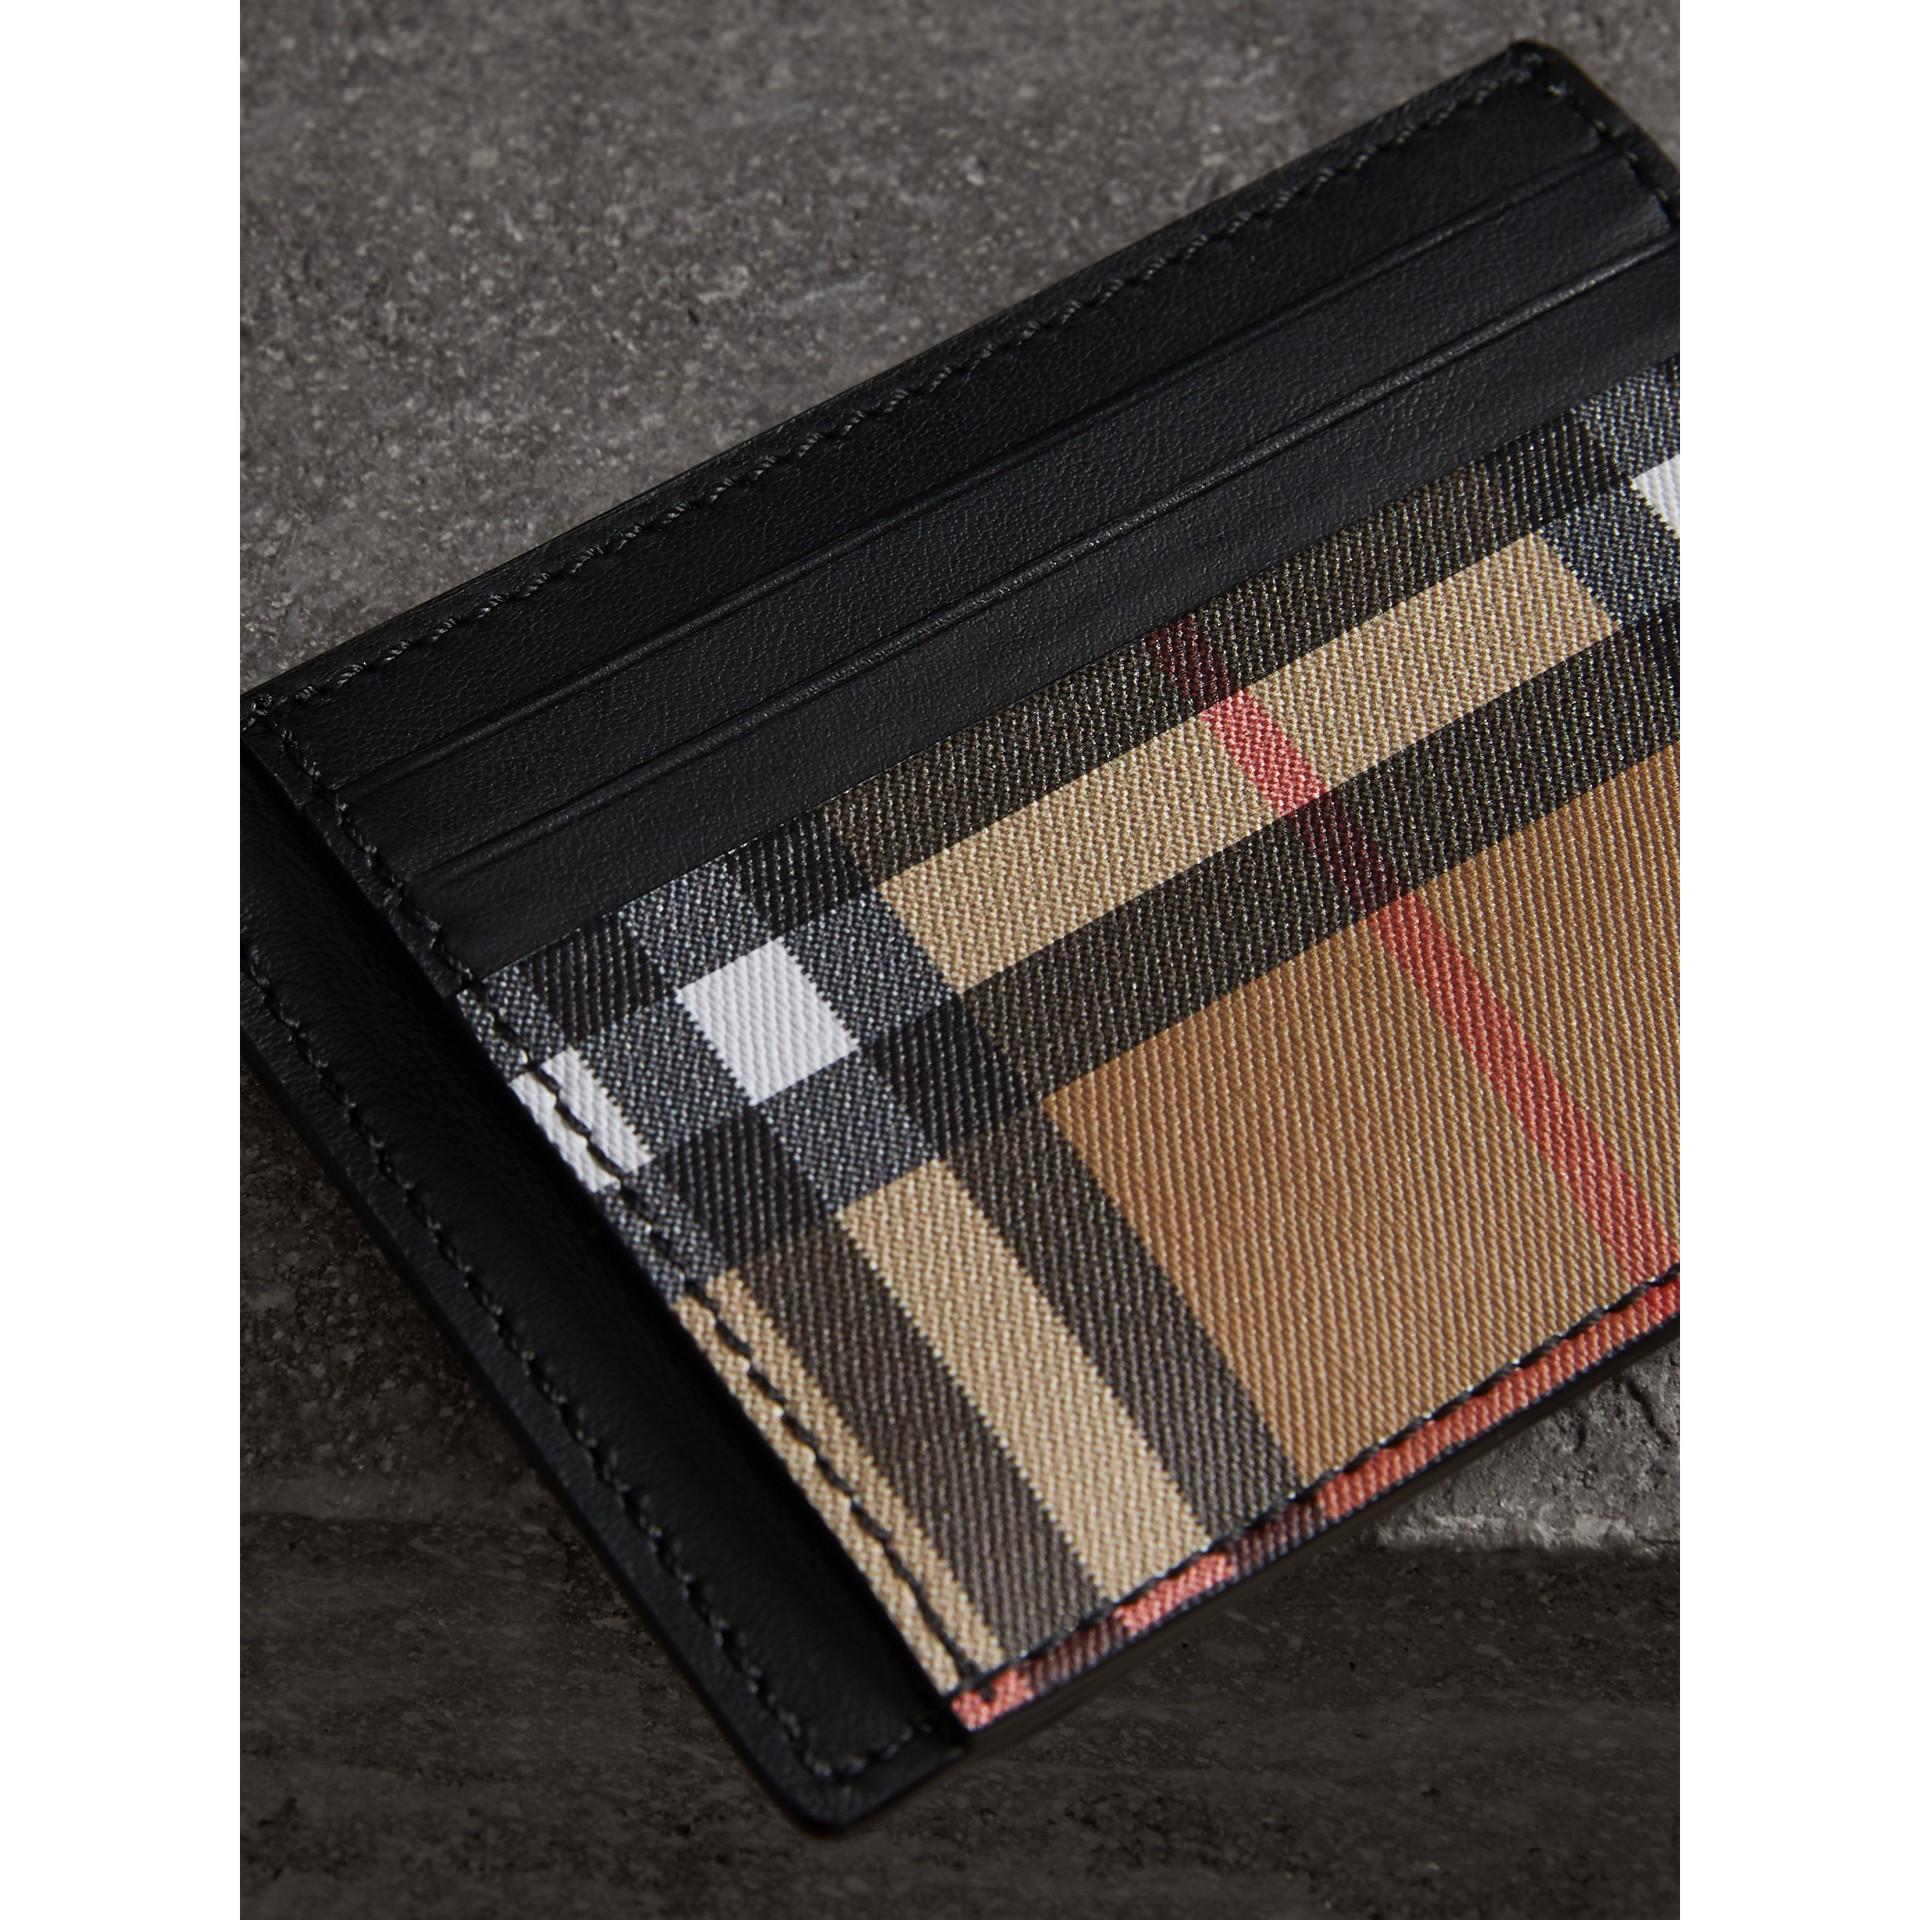 ヴィンテージチェック&レザー マネークリップ カードケース (ブラック) - メンズ | バーバリー - ギャラリーイメージ 1